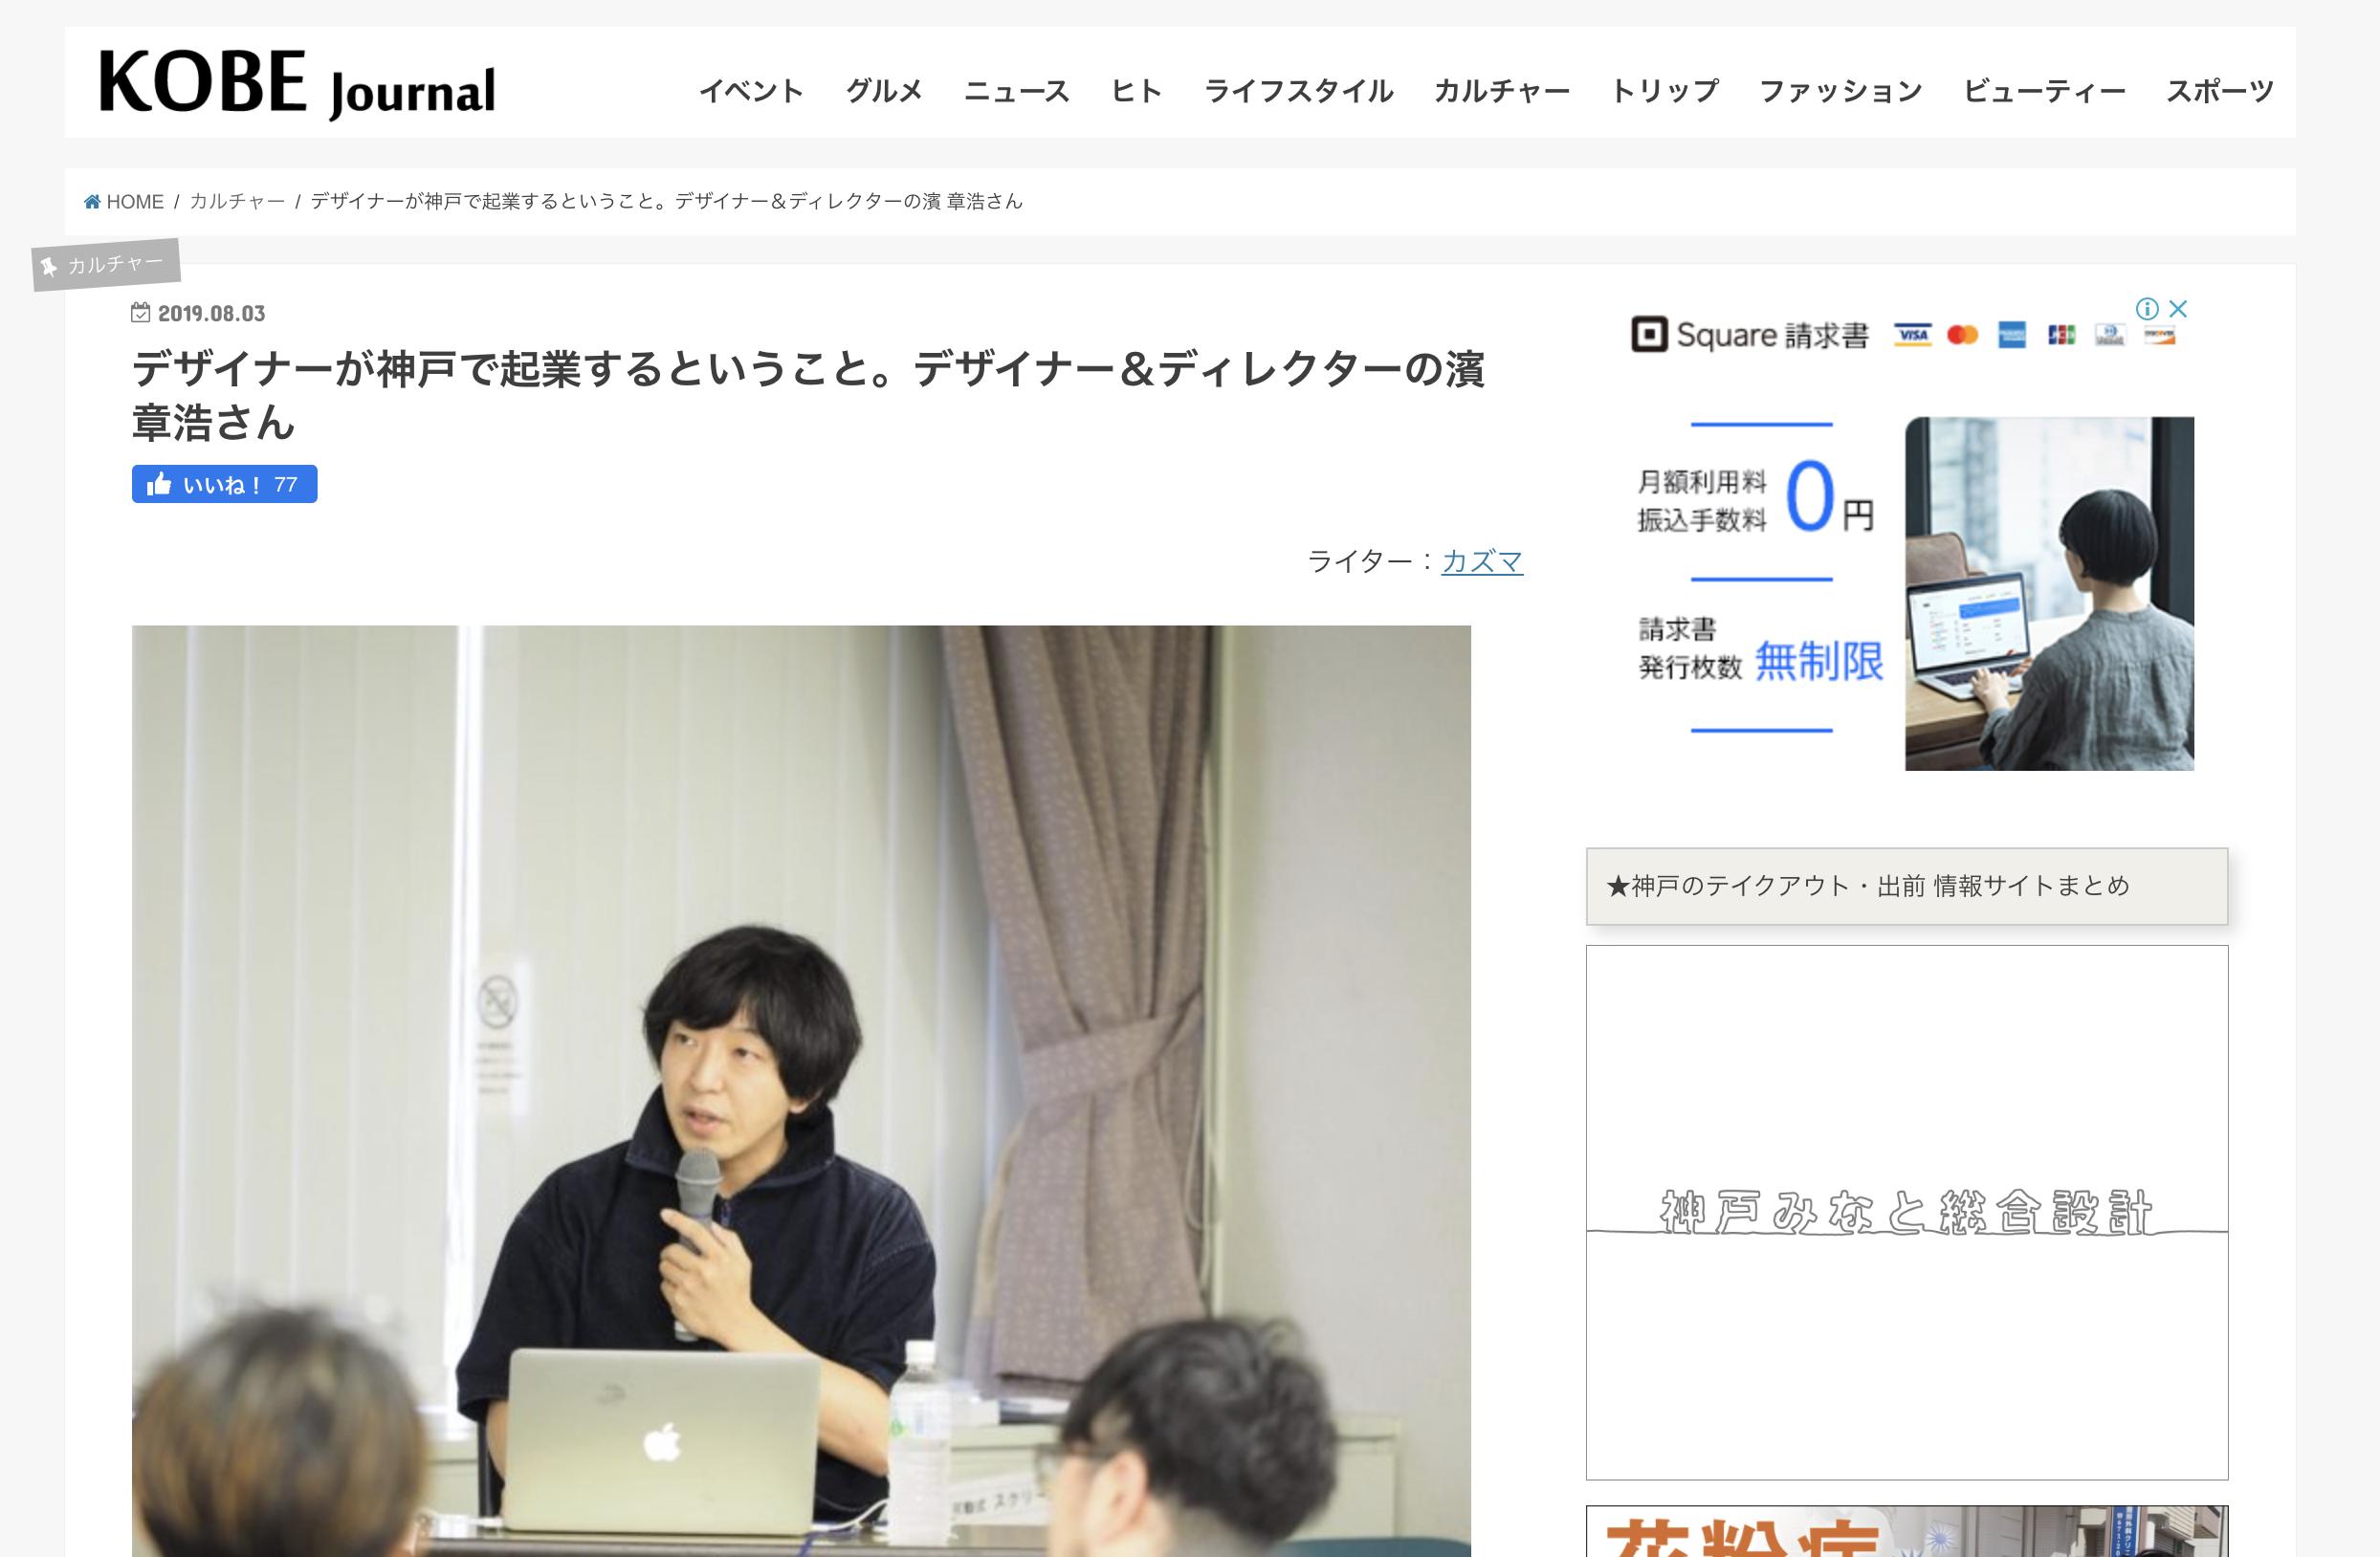 神戸ジャーナルに掲載されました